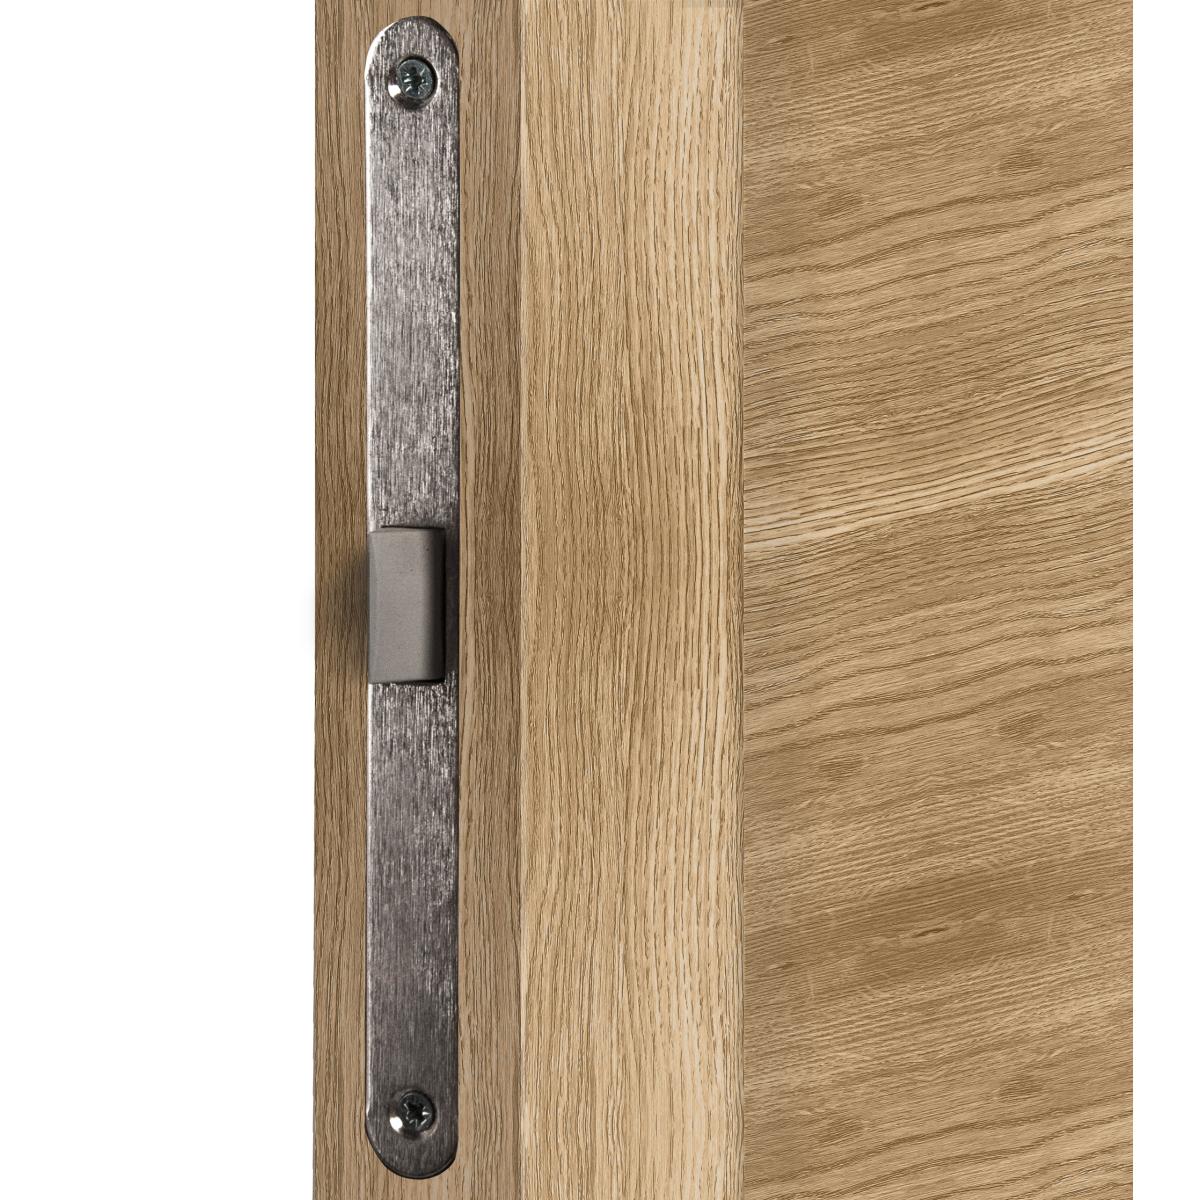 Дверь межкомнатная остеклённая Тренто 80х200 см с фурнитурой ПВХ цвет европейский дуб